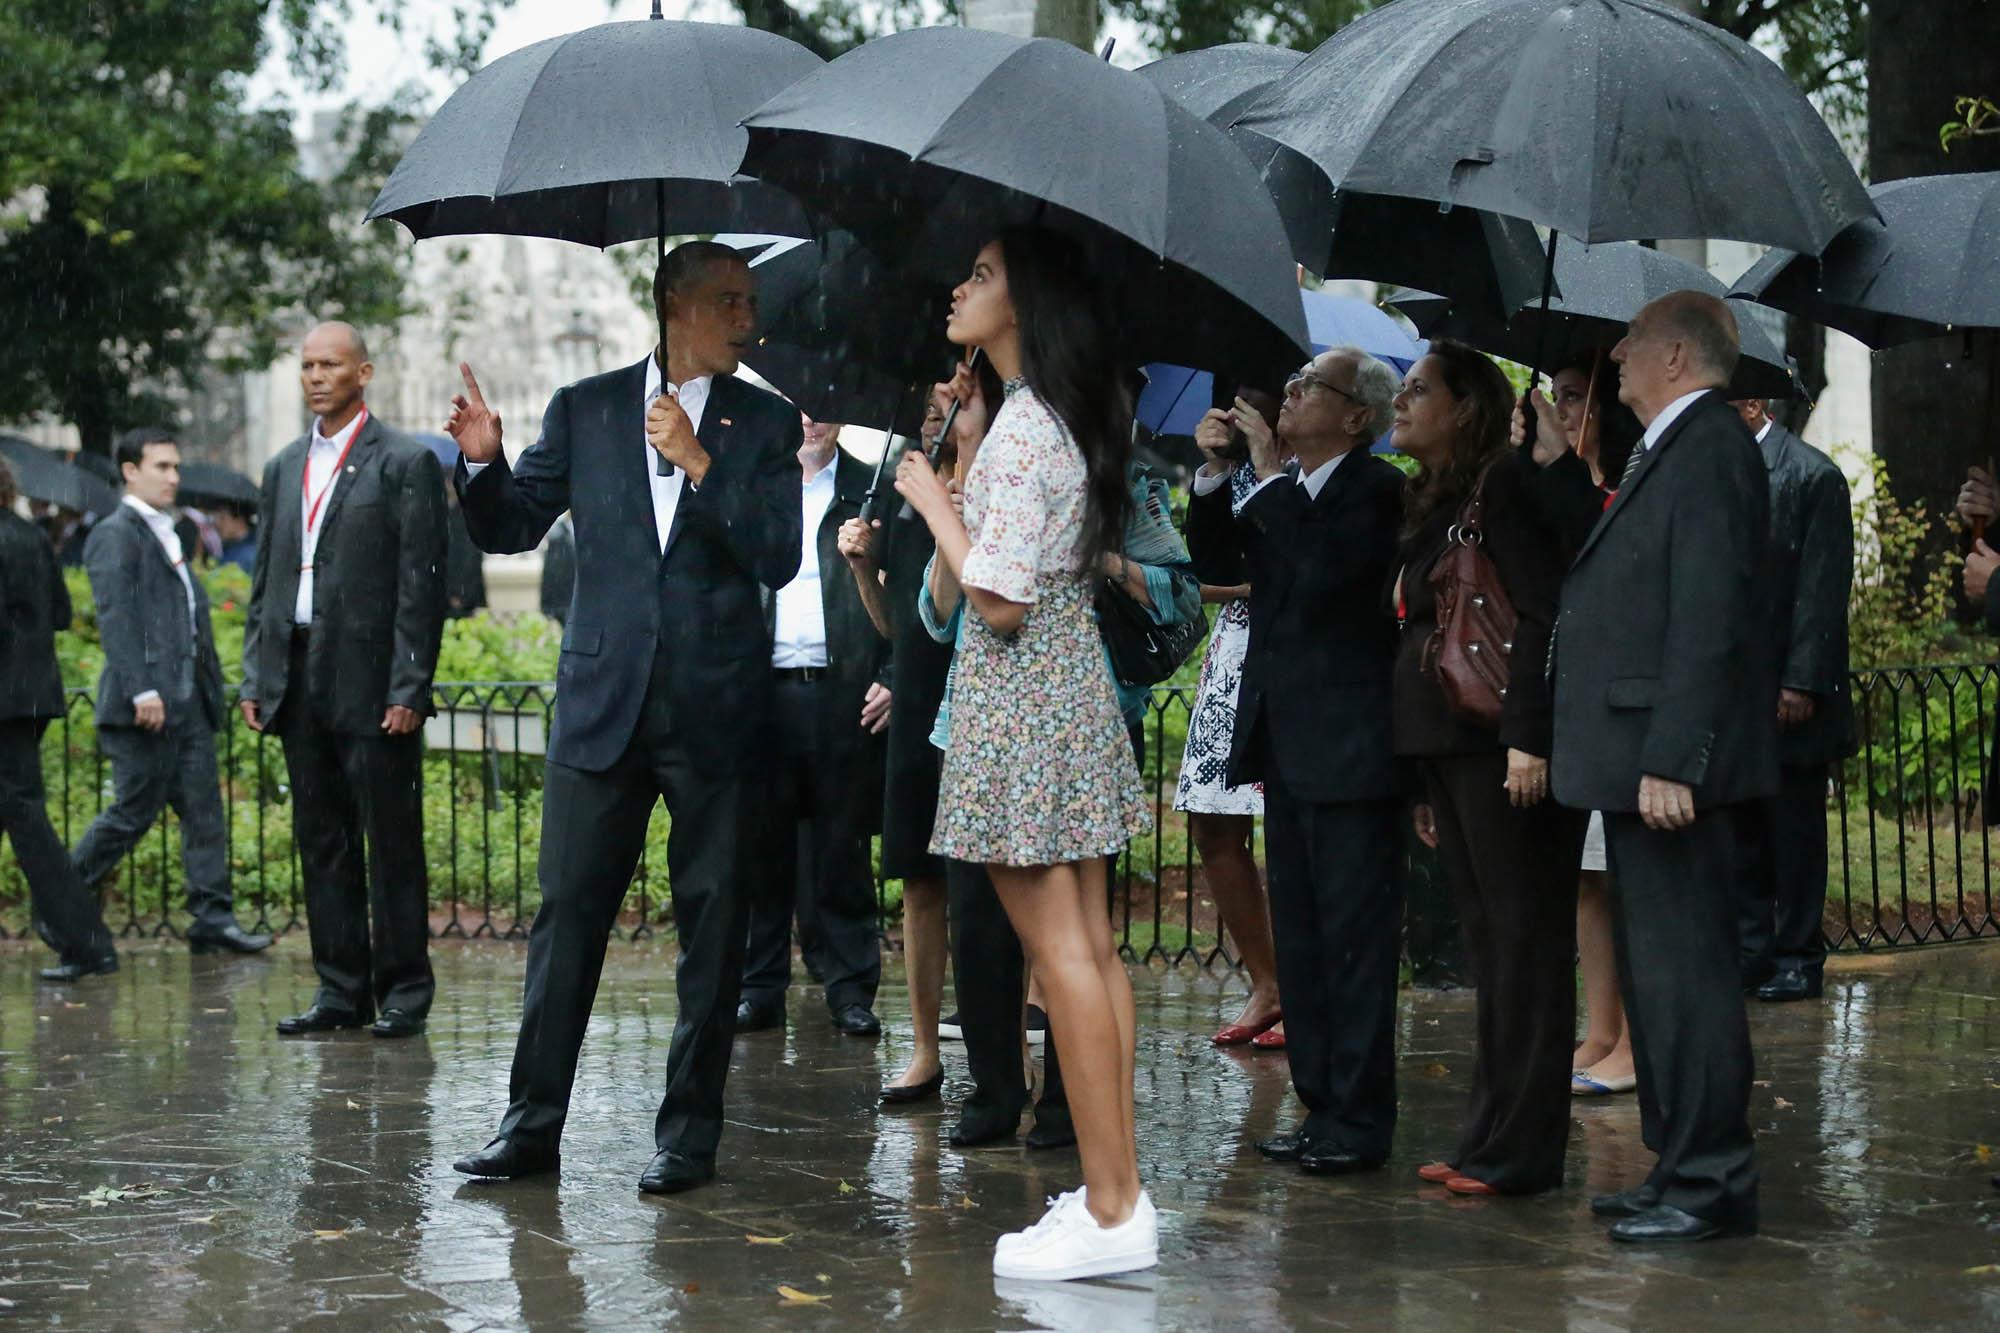 O presidente Obama, Malia Obama e outras pessoas na chuva com guarda-chuvas (Imagens Getty/ Chip Somodevilla)